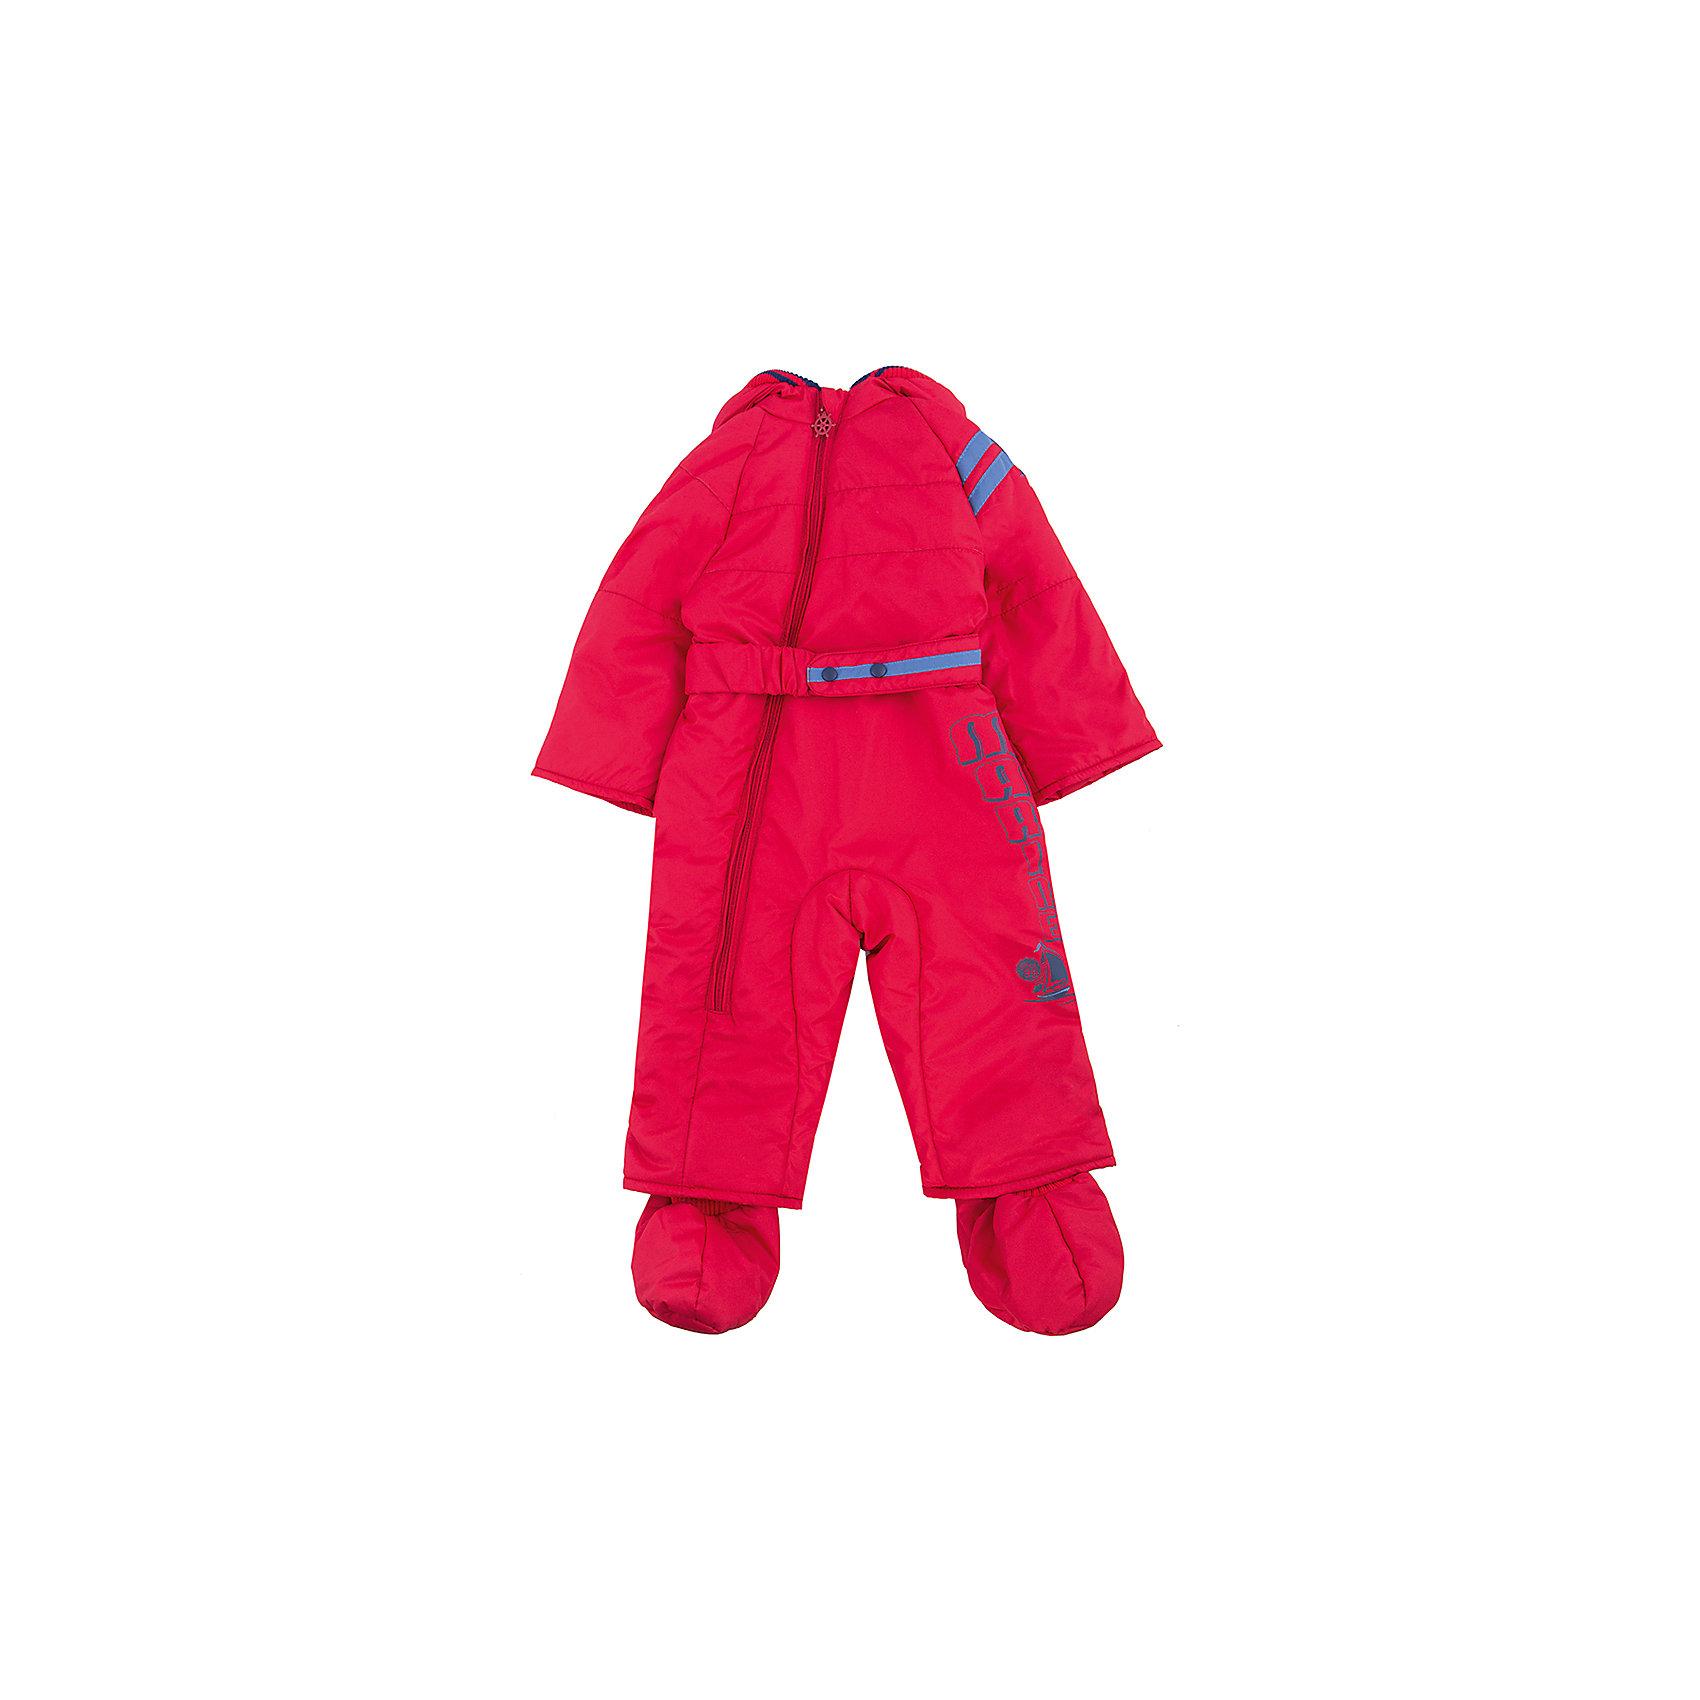 Комбинезон для мальчика АртельКомбинезон от торговой марки Артель &#13;<br>&#13;<br>Для самых маленьких - только самое лучшее. Этот комбинезон имеет прочную внешнюю оболочку и мягкую подкладку. Красивая и удобная вещь.<br>Одежда от бренда Артель – это высокое качество по приемлемой цене и всегда продуманный дизайн. &#13;<br>&#13;<br>Особенности модели: &#13;<br>- цвет - красный;&#13;<br>- хлопковая подкладка;&#13;<br>- капюшон;<br>- утеплитель;&#13;<br>- украшен вышивкой;<br>- дизайн в морском стиле;<br>- застежка-молния, кнопки.&#13;<br>&#13;<br>Дополнительная информация:&#13;<br>&#13;<br>Состав: &#13;<br>- верх: Dewspo;<br>- подкладка: интерлок;<br>- утеплитель: TermoFinn 100 гр.<br>&#13;<br>Температурный режим: &#13;<br>от - 10 °C до + 10 °C&#13;<br>&#13;<br>Комбинезон Артель (Artel) можно купить в нашем магазине.<br><br>Ширина мм: 356<br>Глубина мм: 10<br>Высота мм: 245<br>Вес г: 519<br>Цвет: красный<br>Возраст от месяцев: 6<br>Возраст до месяцев: 9<br>Пол: Мужской<br>Возраст: Детский<br>Размер: 74,68,80<br>SKU: 4495987